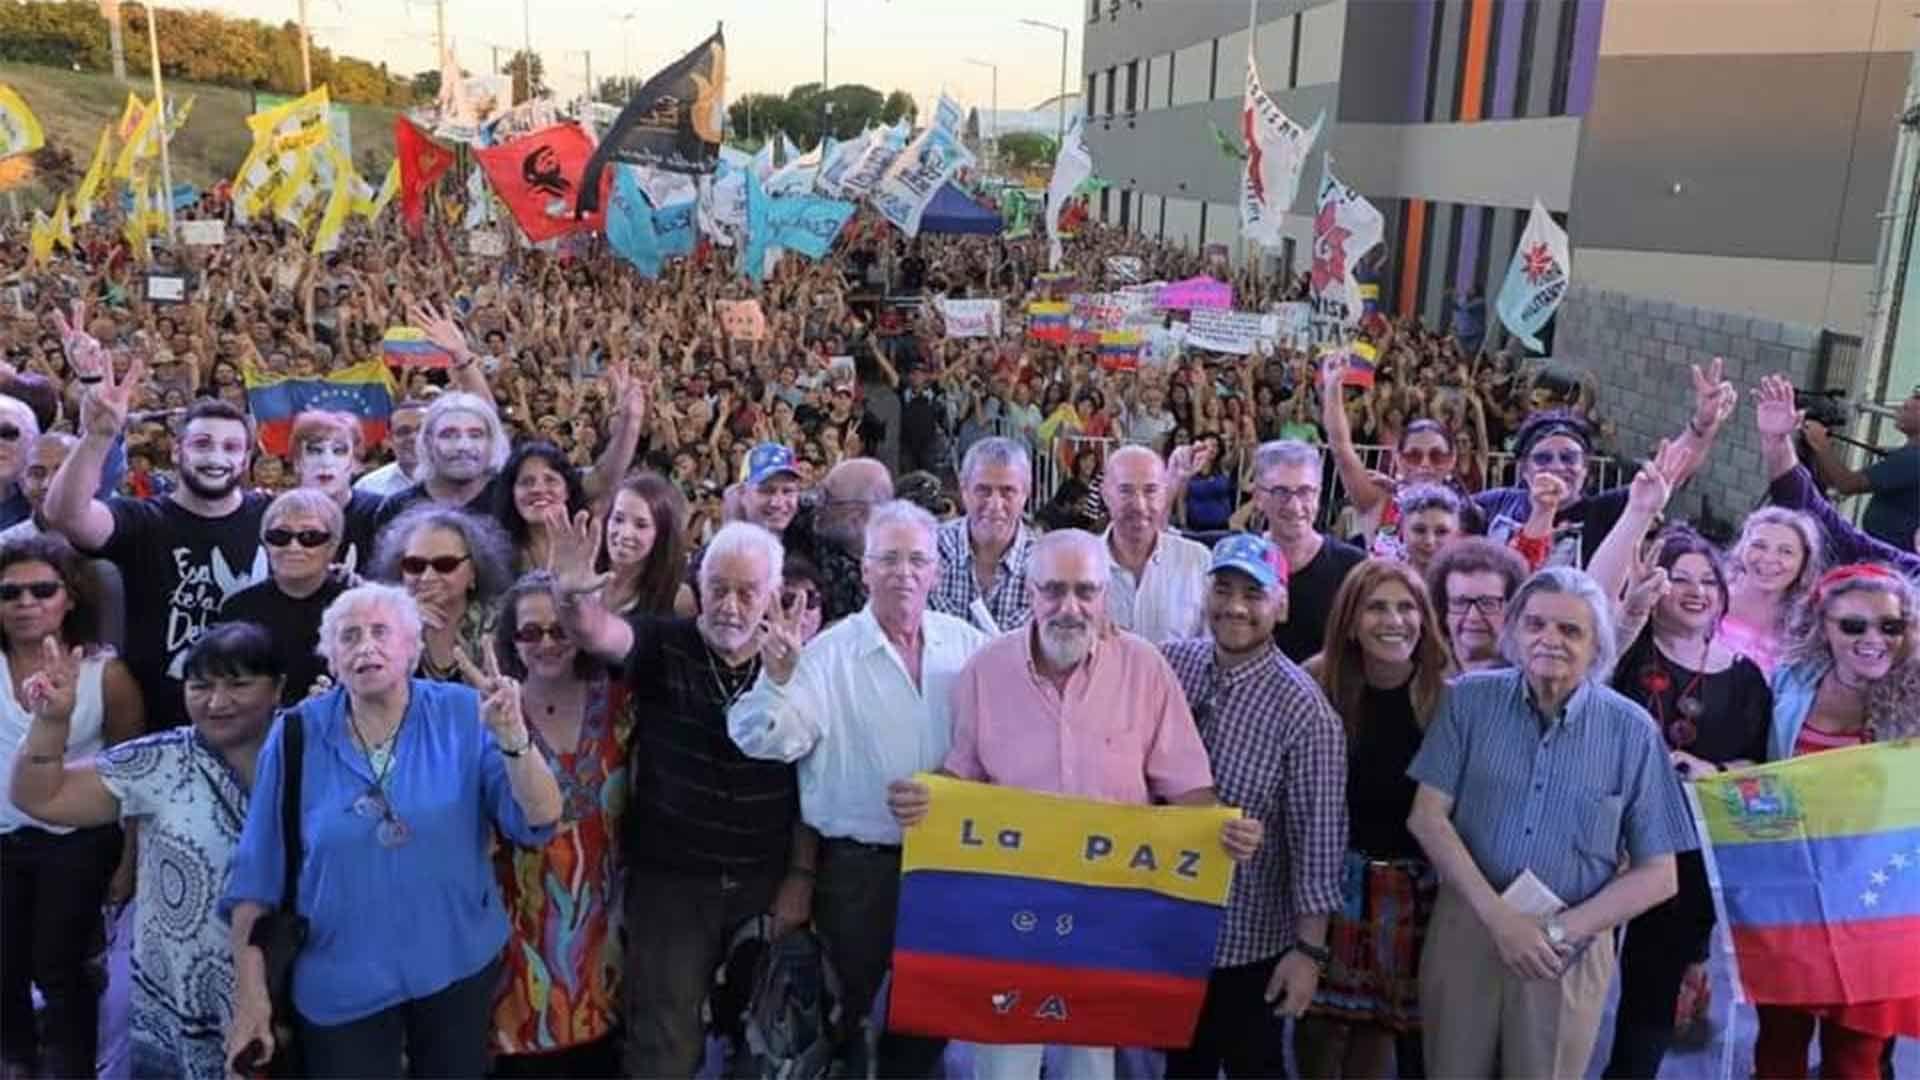 Repudian al intendente de Avellaneda por el homenaje a Maduro junto a artistas K